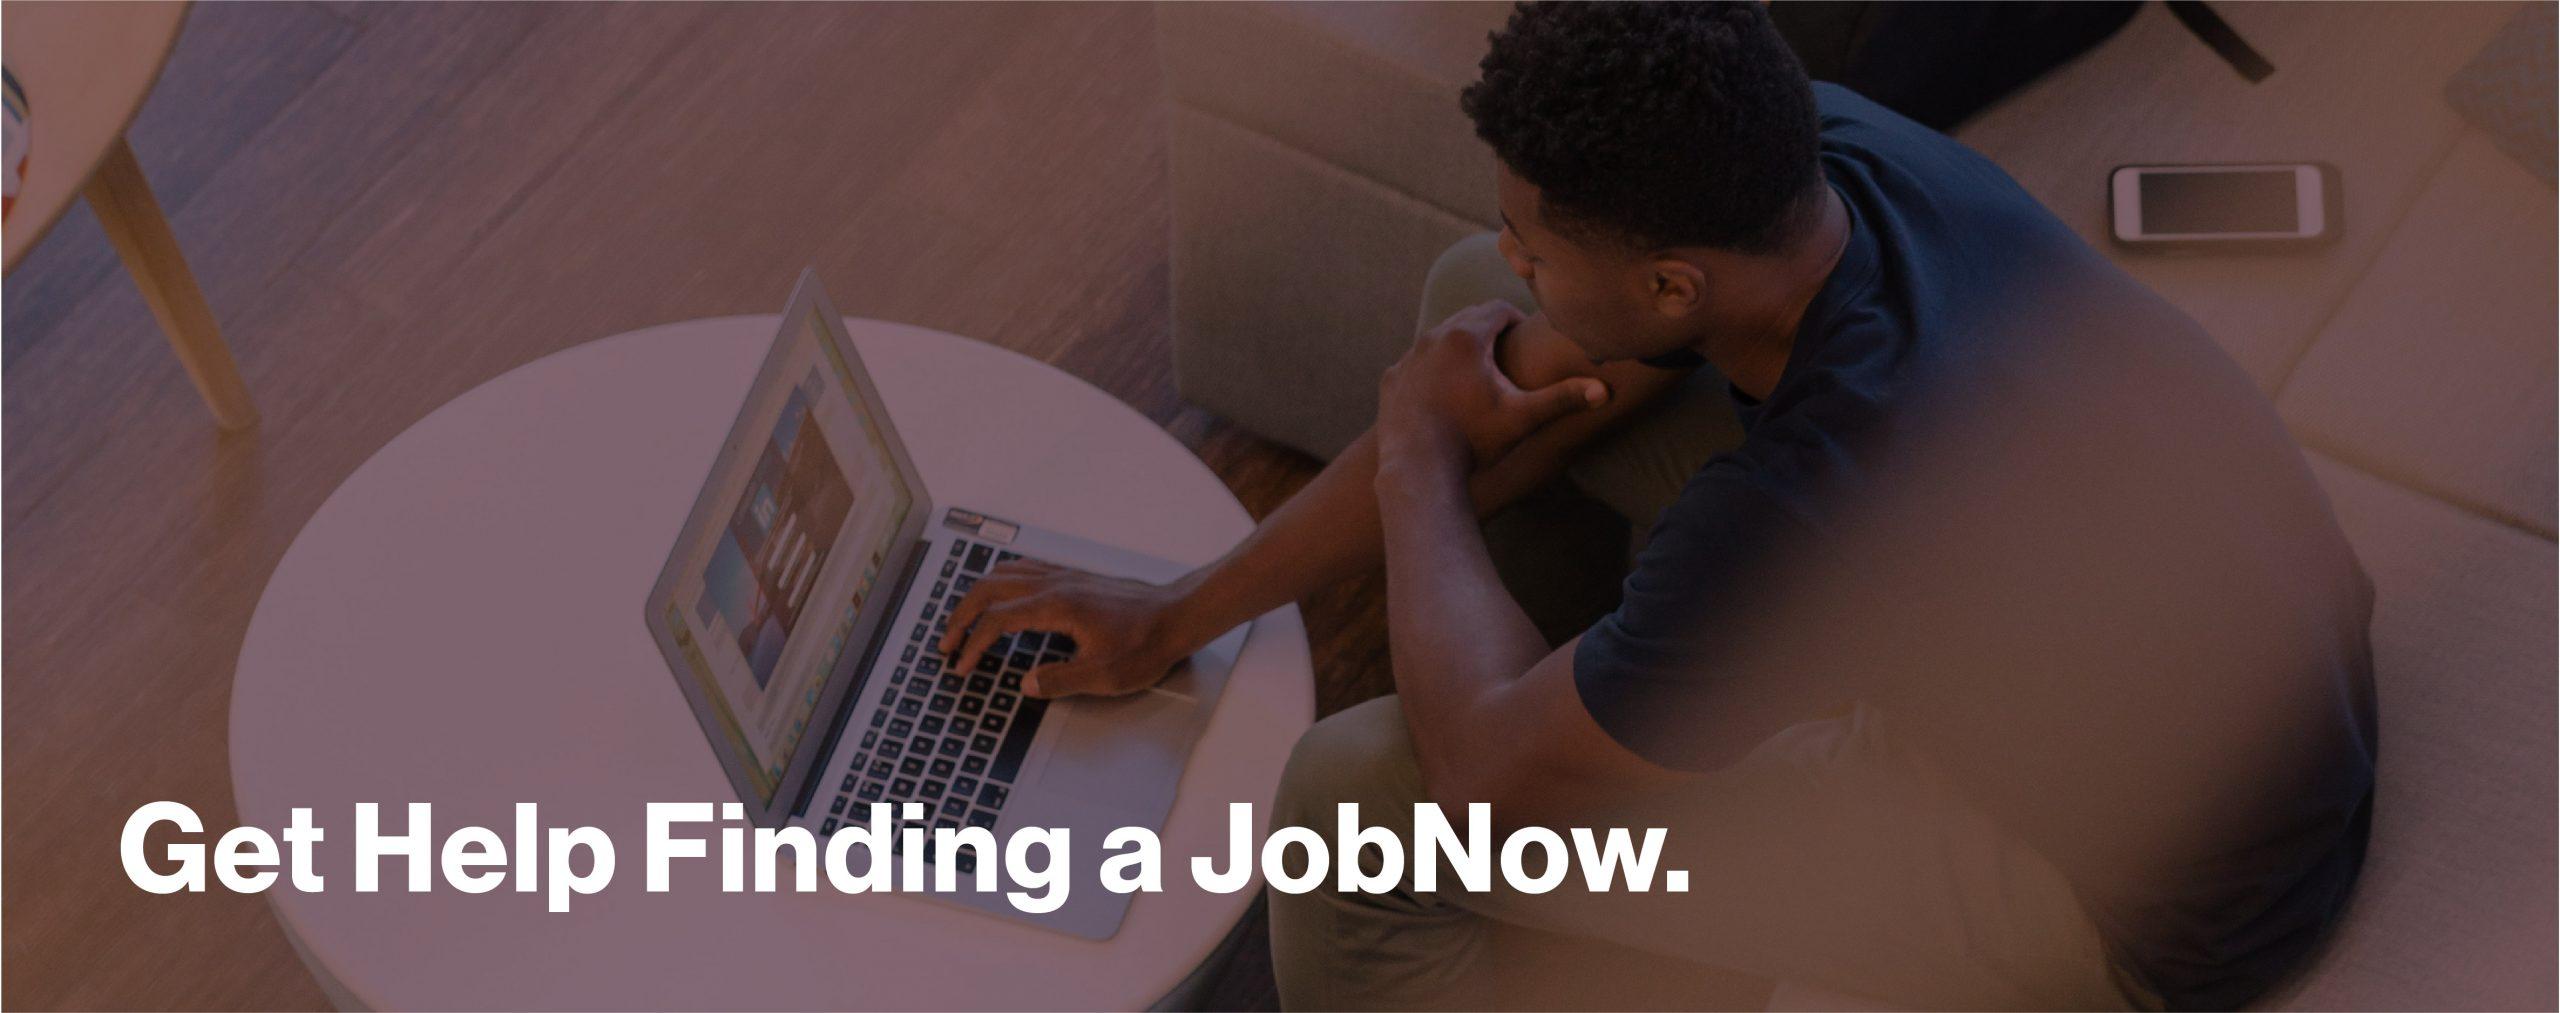 Get help finding a JobNow